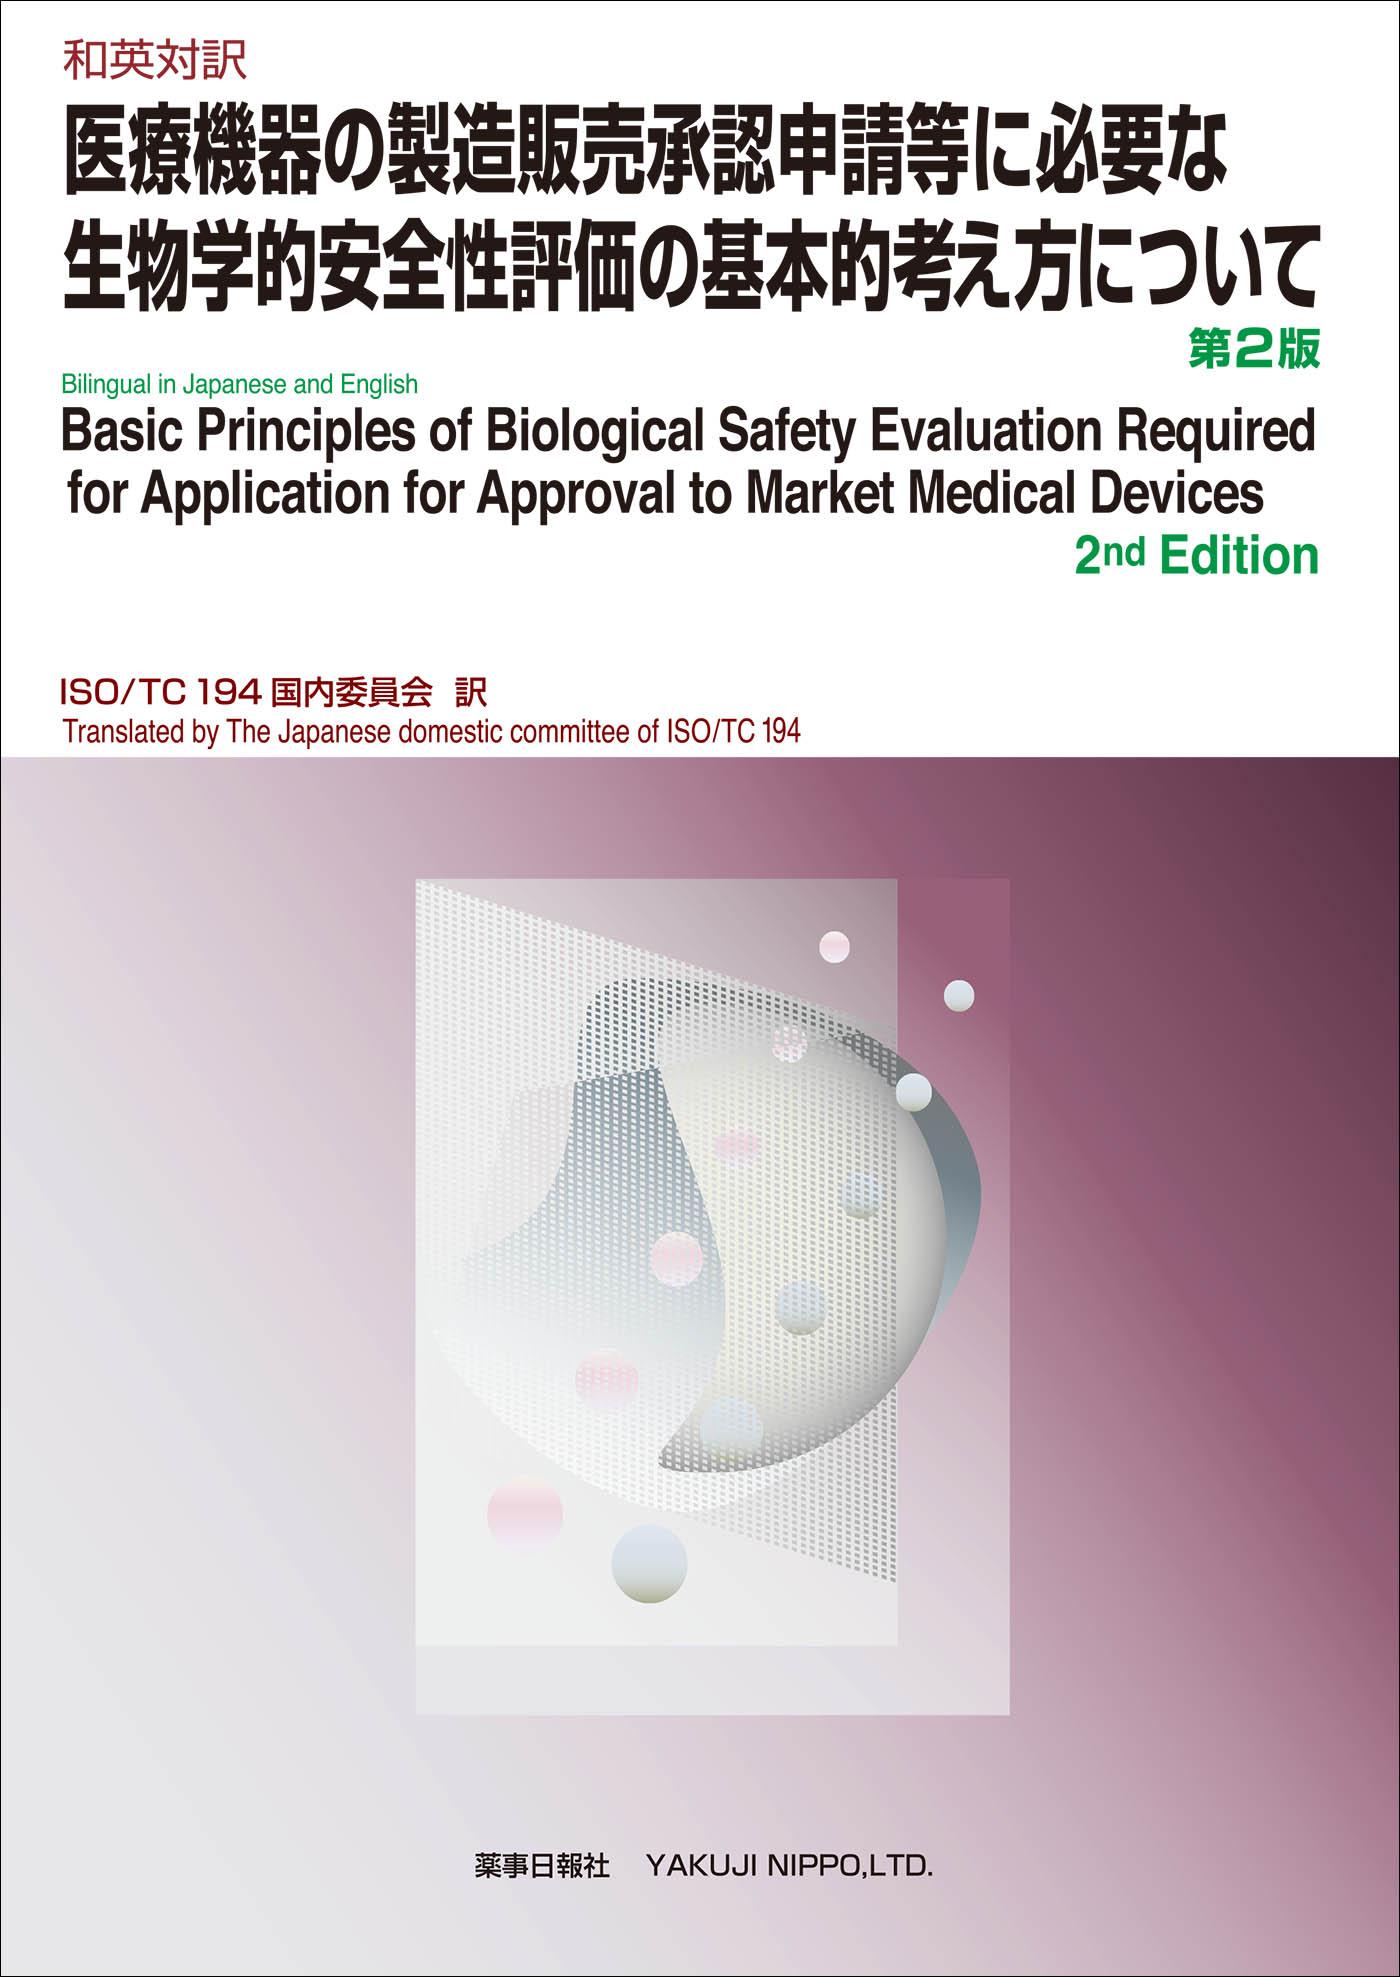 和英対訳 医療機器の製造販売承認申請等に必要な生物学的安全性評価の基本的考え方について 第2版